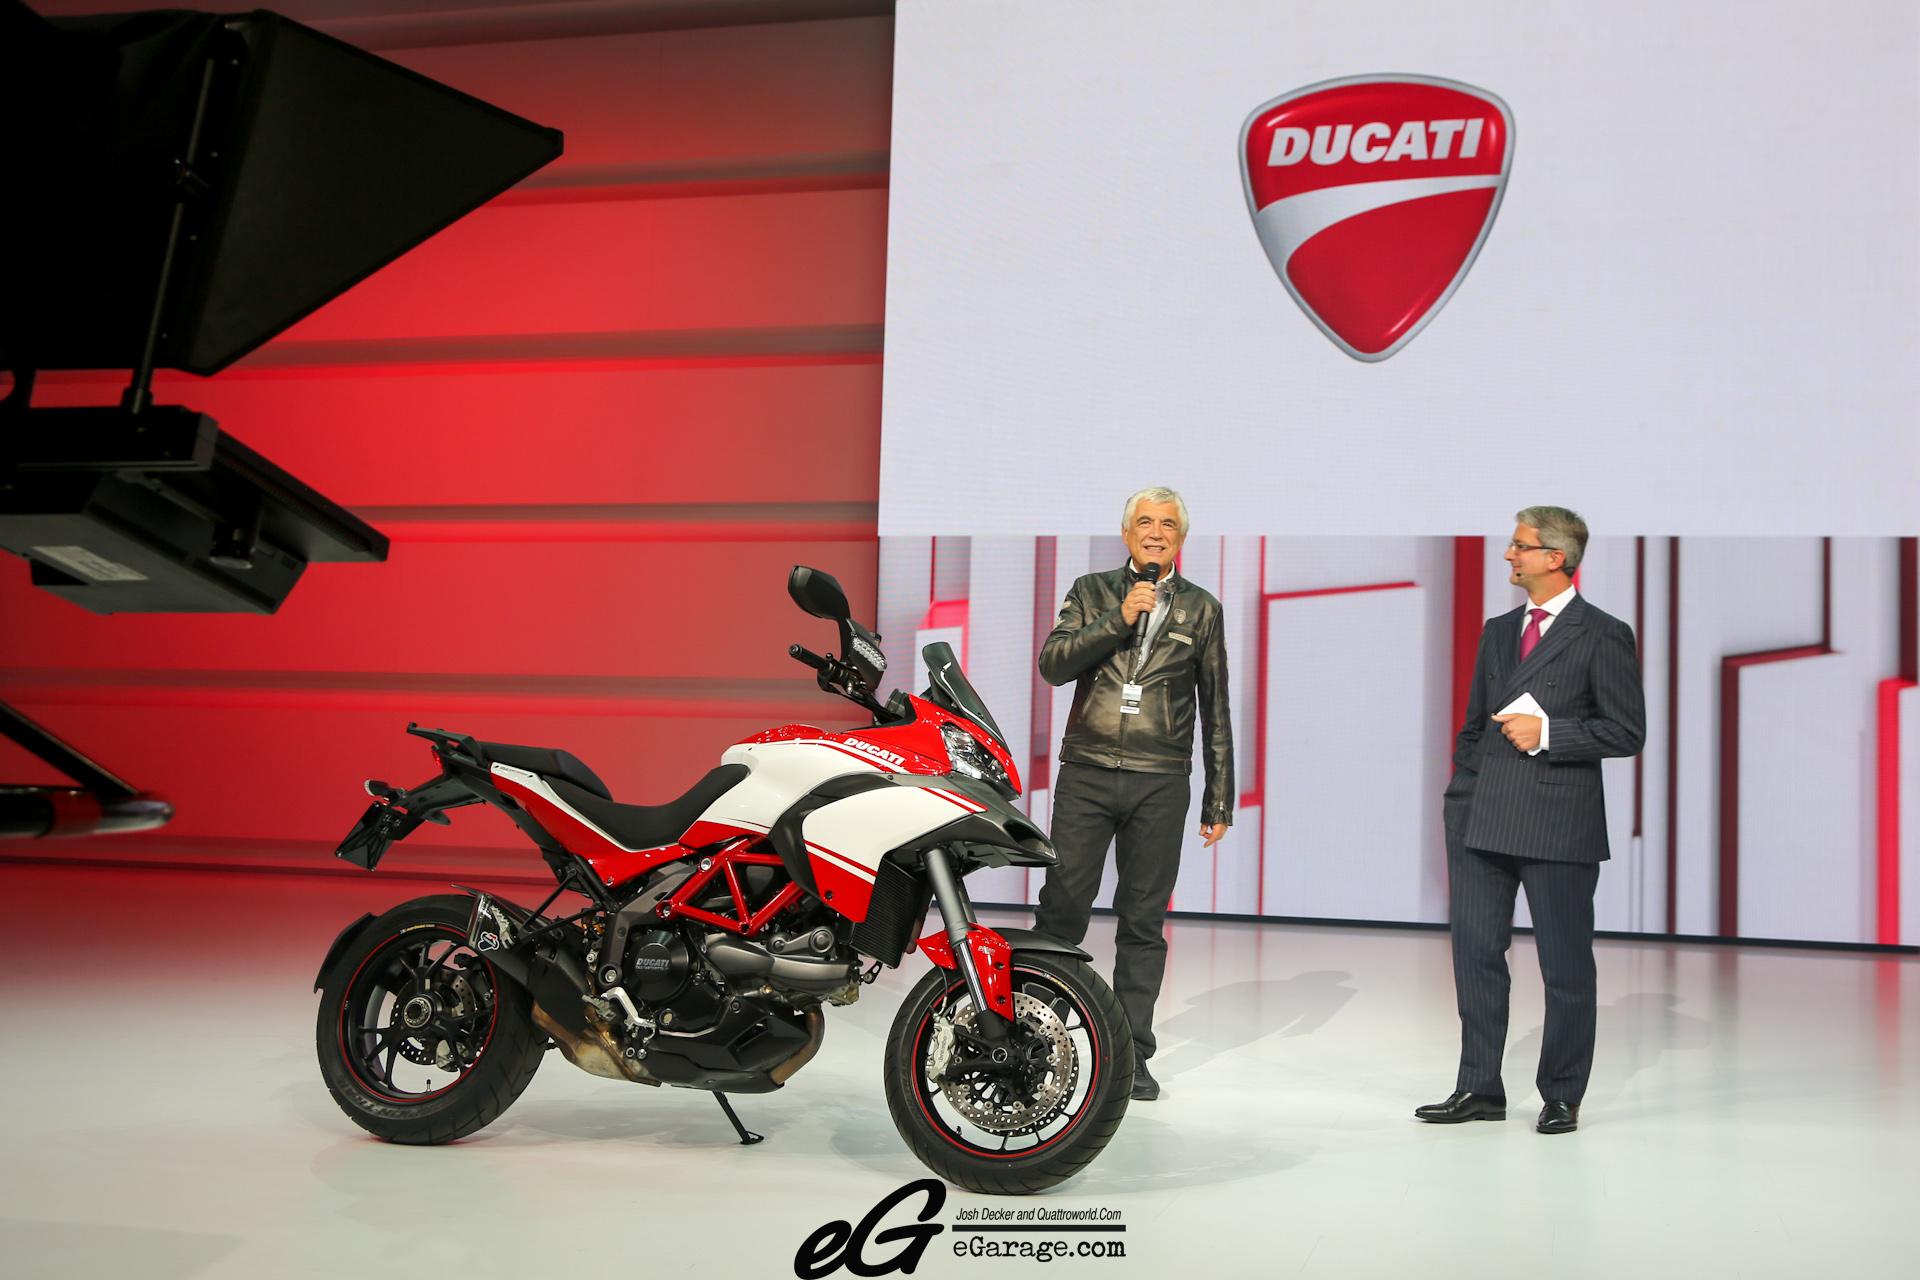 8030382669 1f17056bf2 o 2012 Paris Motor Show